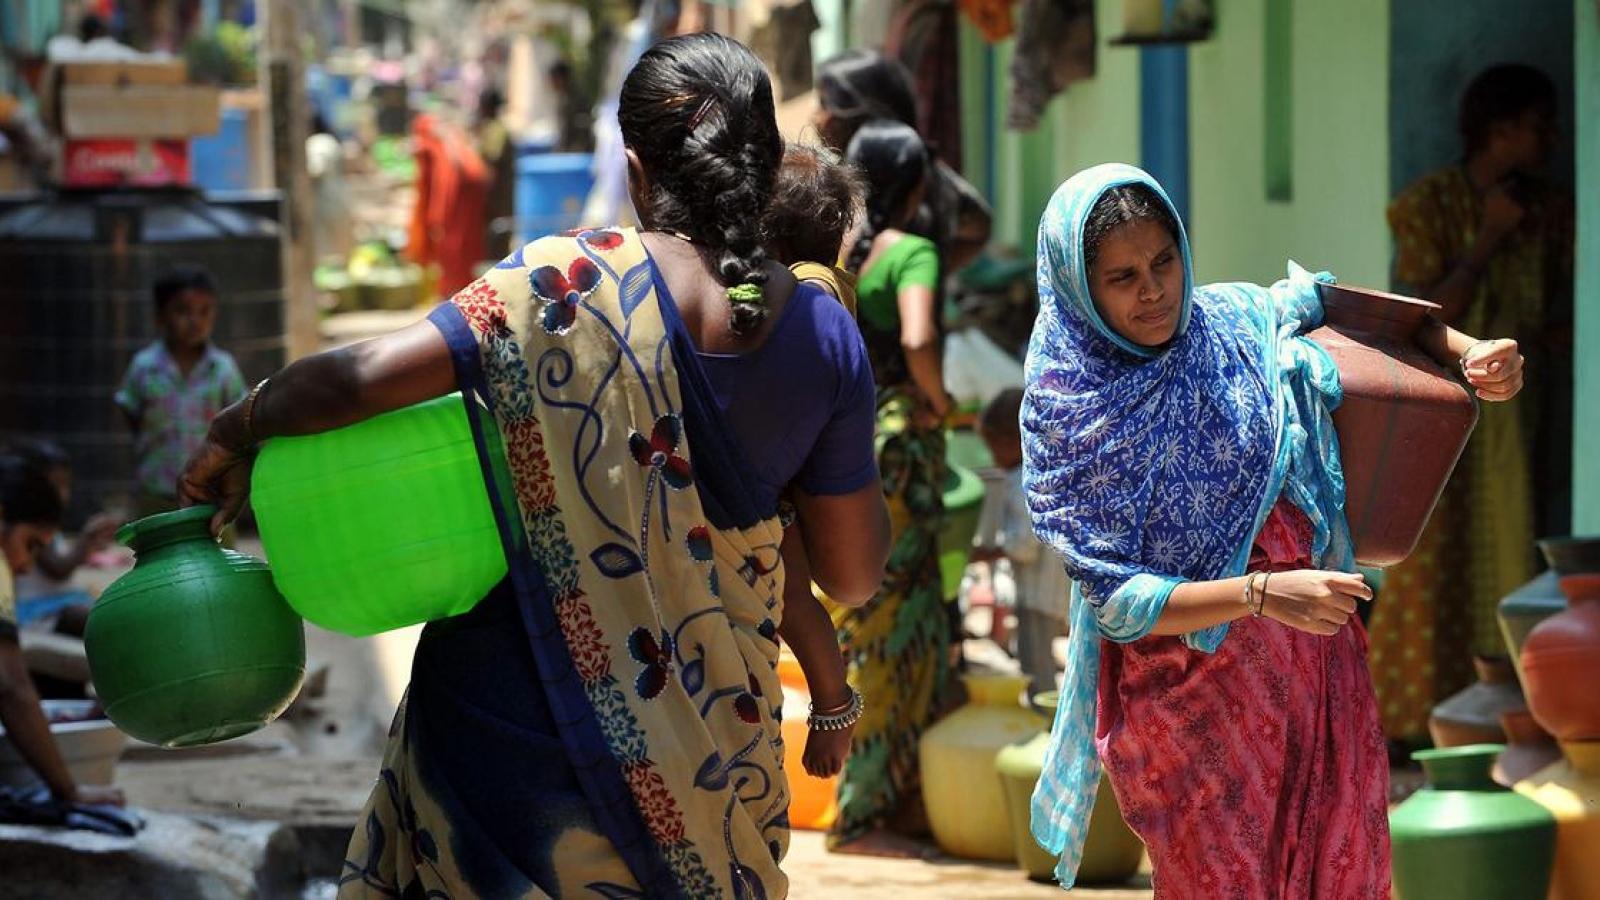 Bạo lực và phân biệt đối xử với phụ nữ - vấn đề nhức nhối ở Ấn Độ